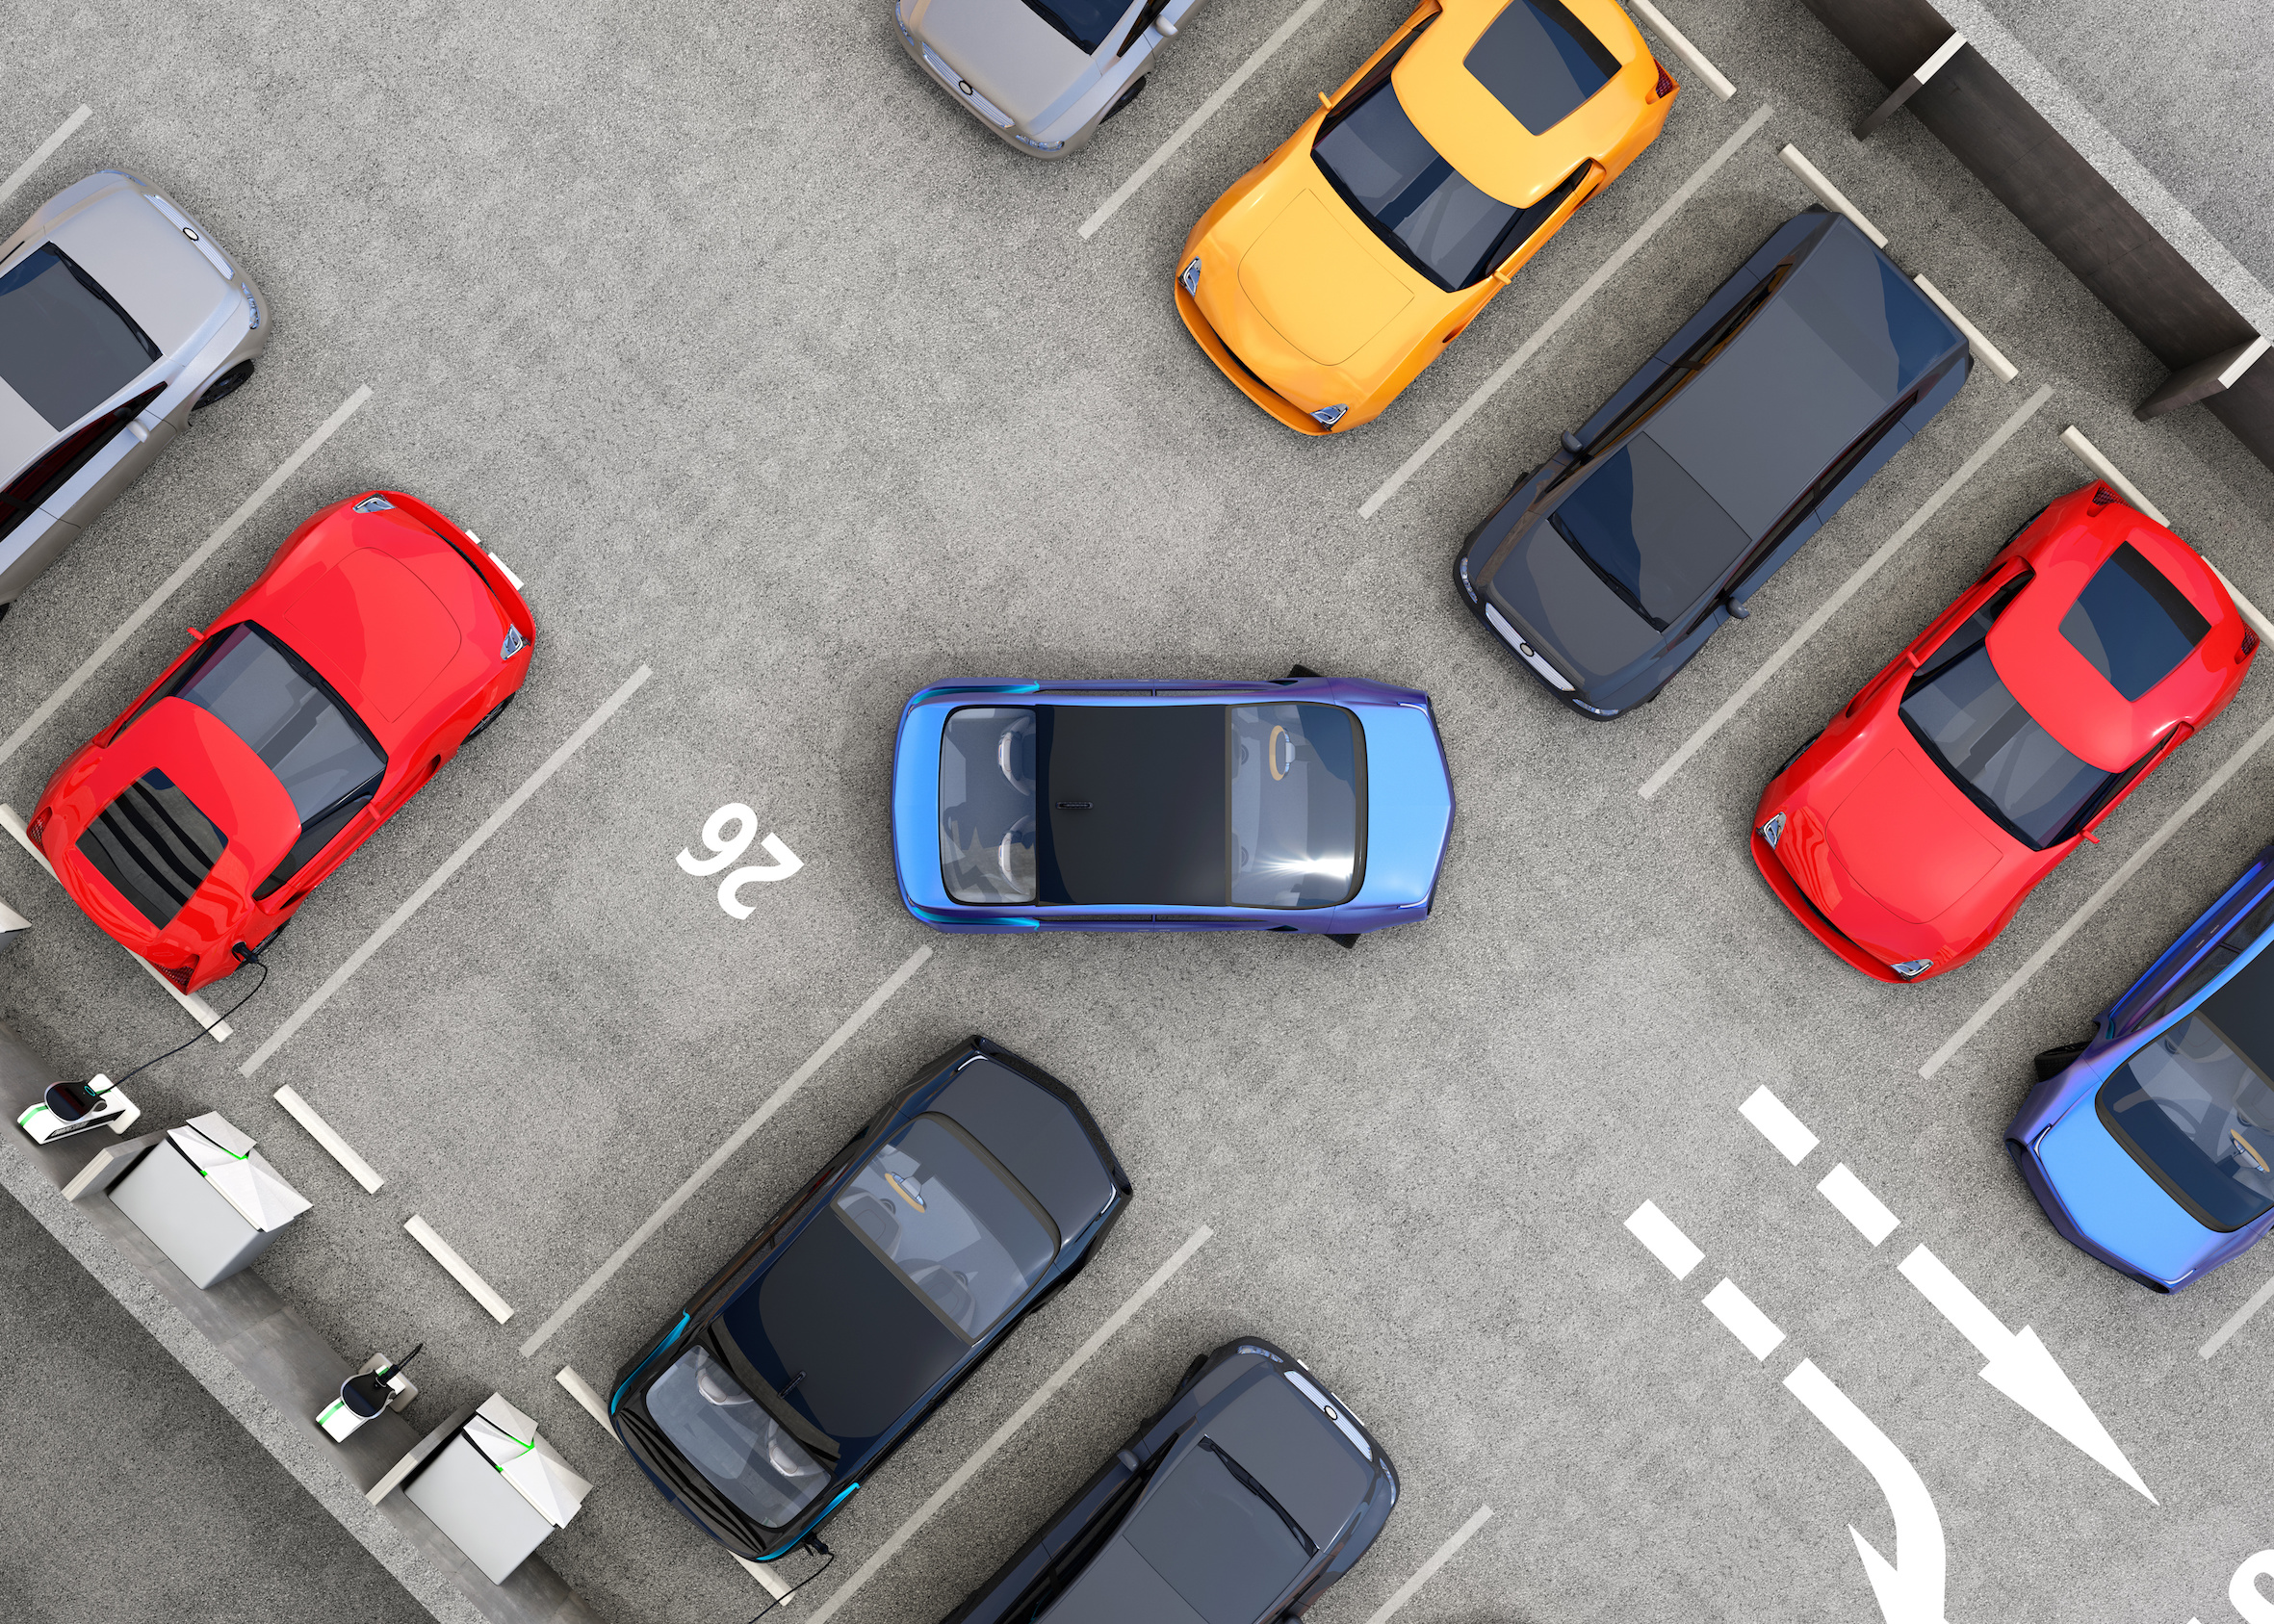 駐車監視機能を搭載しているドライブレコーダー9選